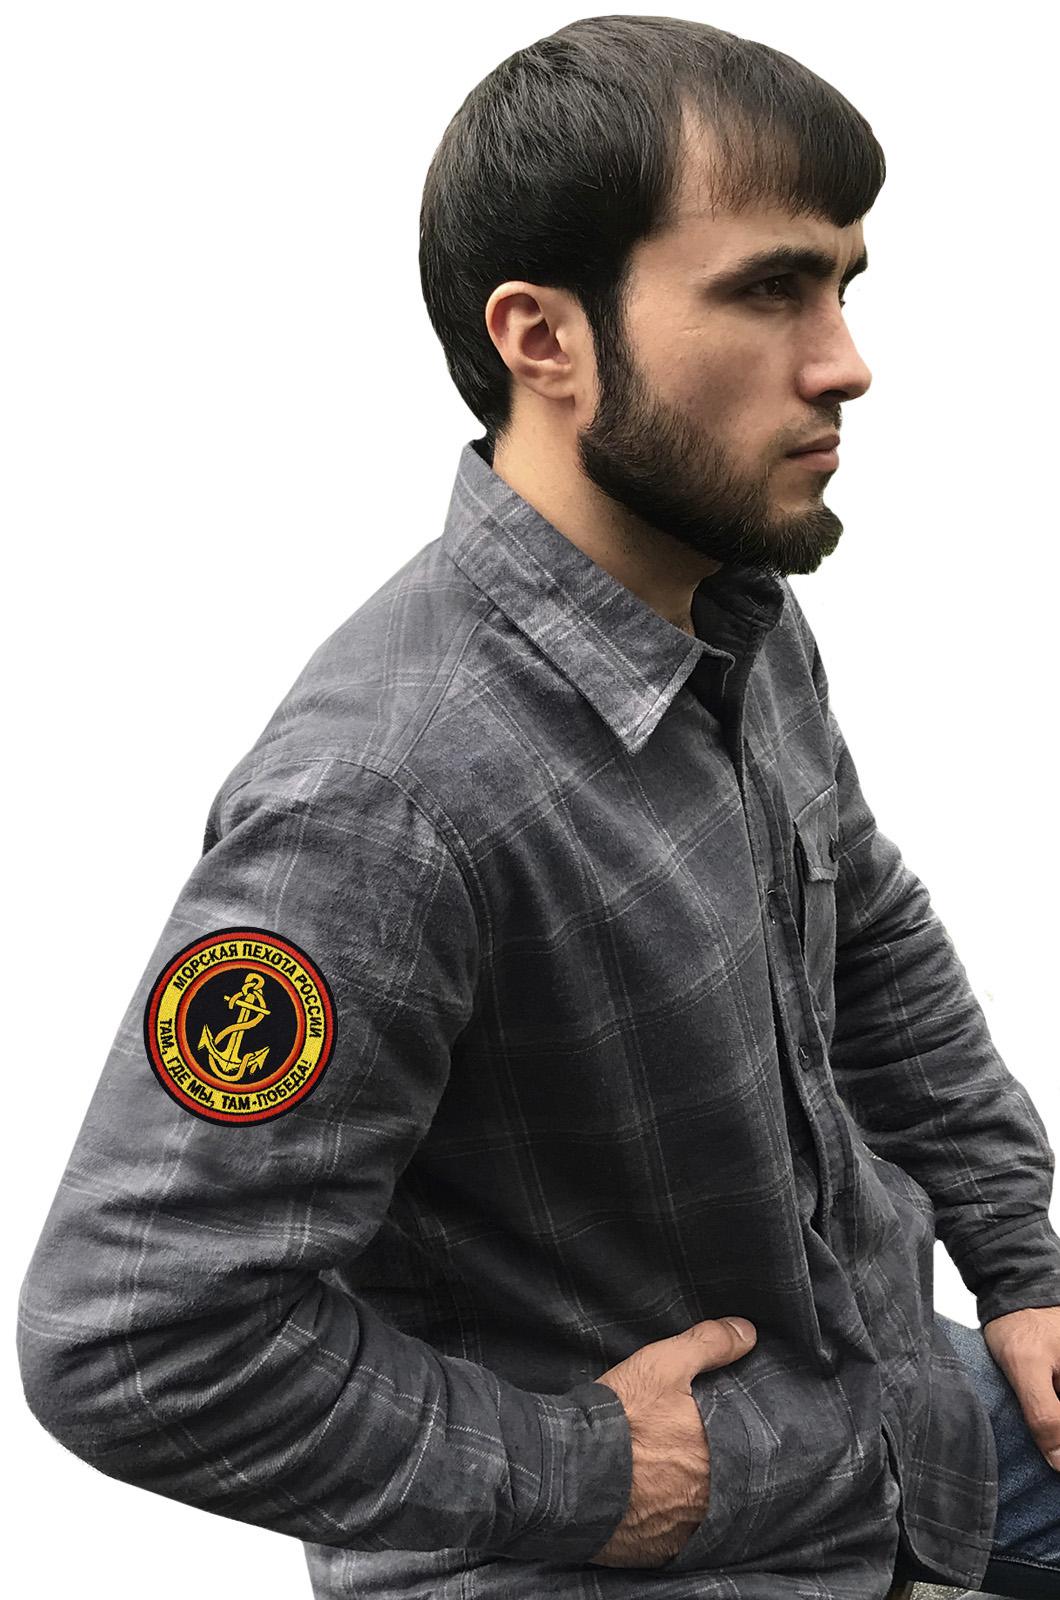 Клетчатая мужская рубашку «Морская пехота»